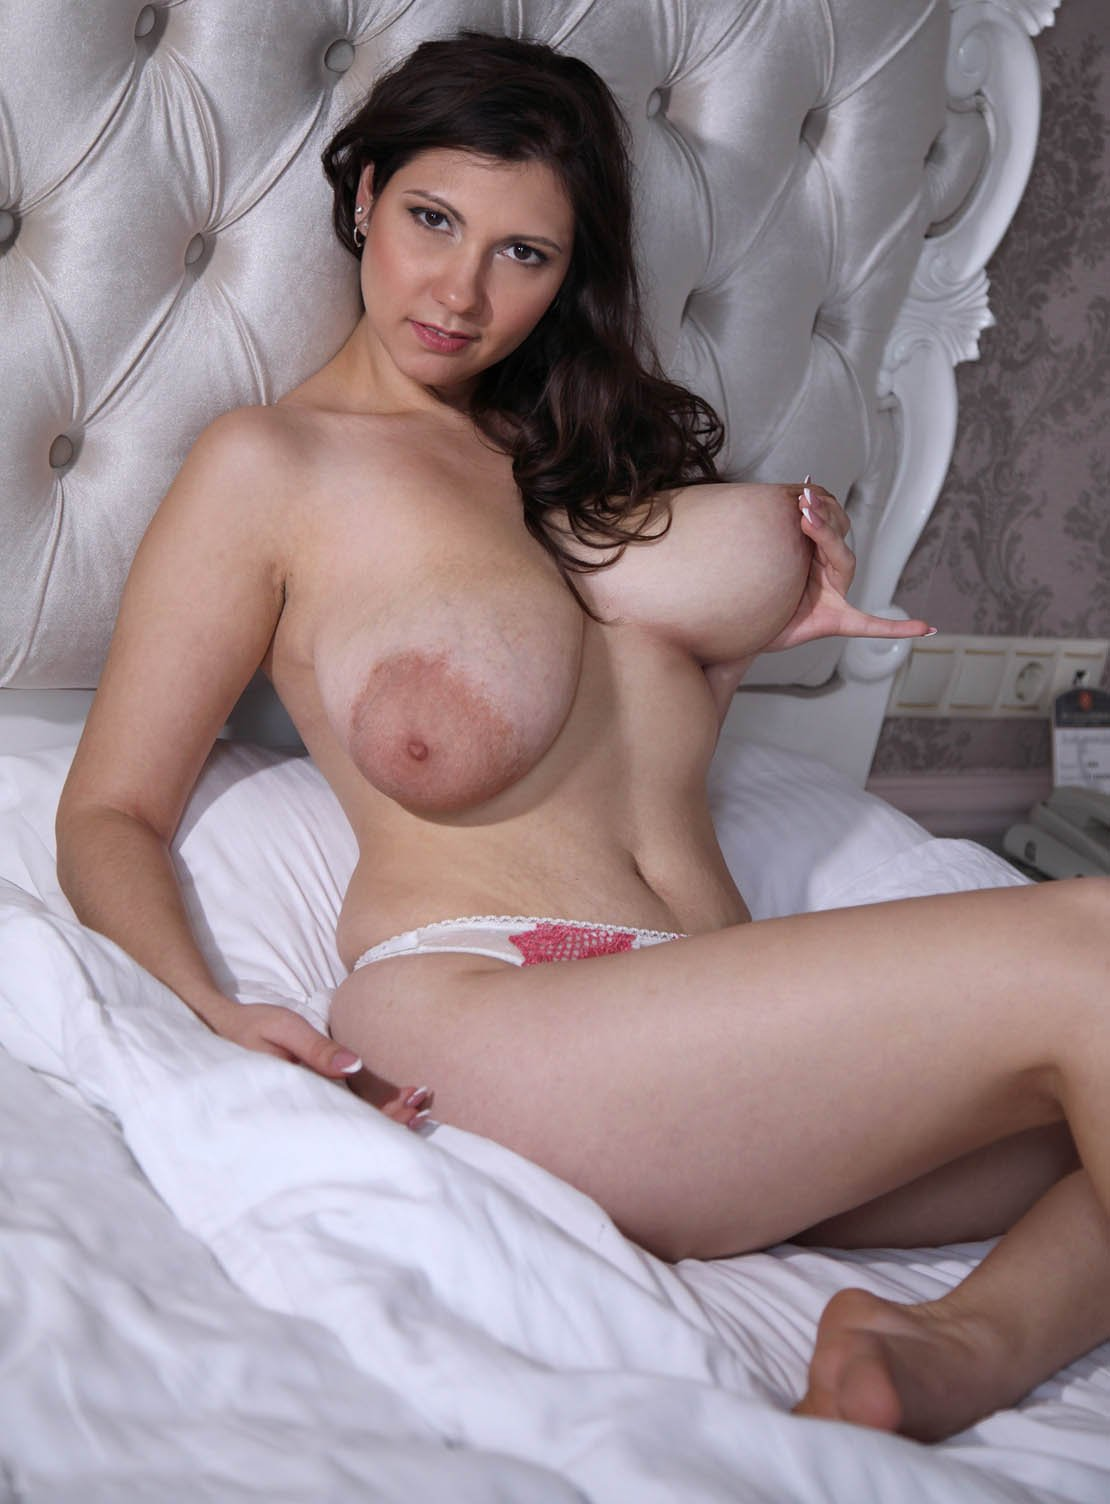 Русское порно девки с большими сосками смотреть бесплатно